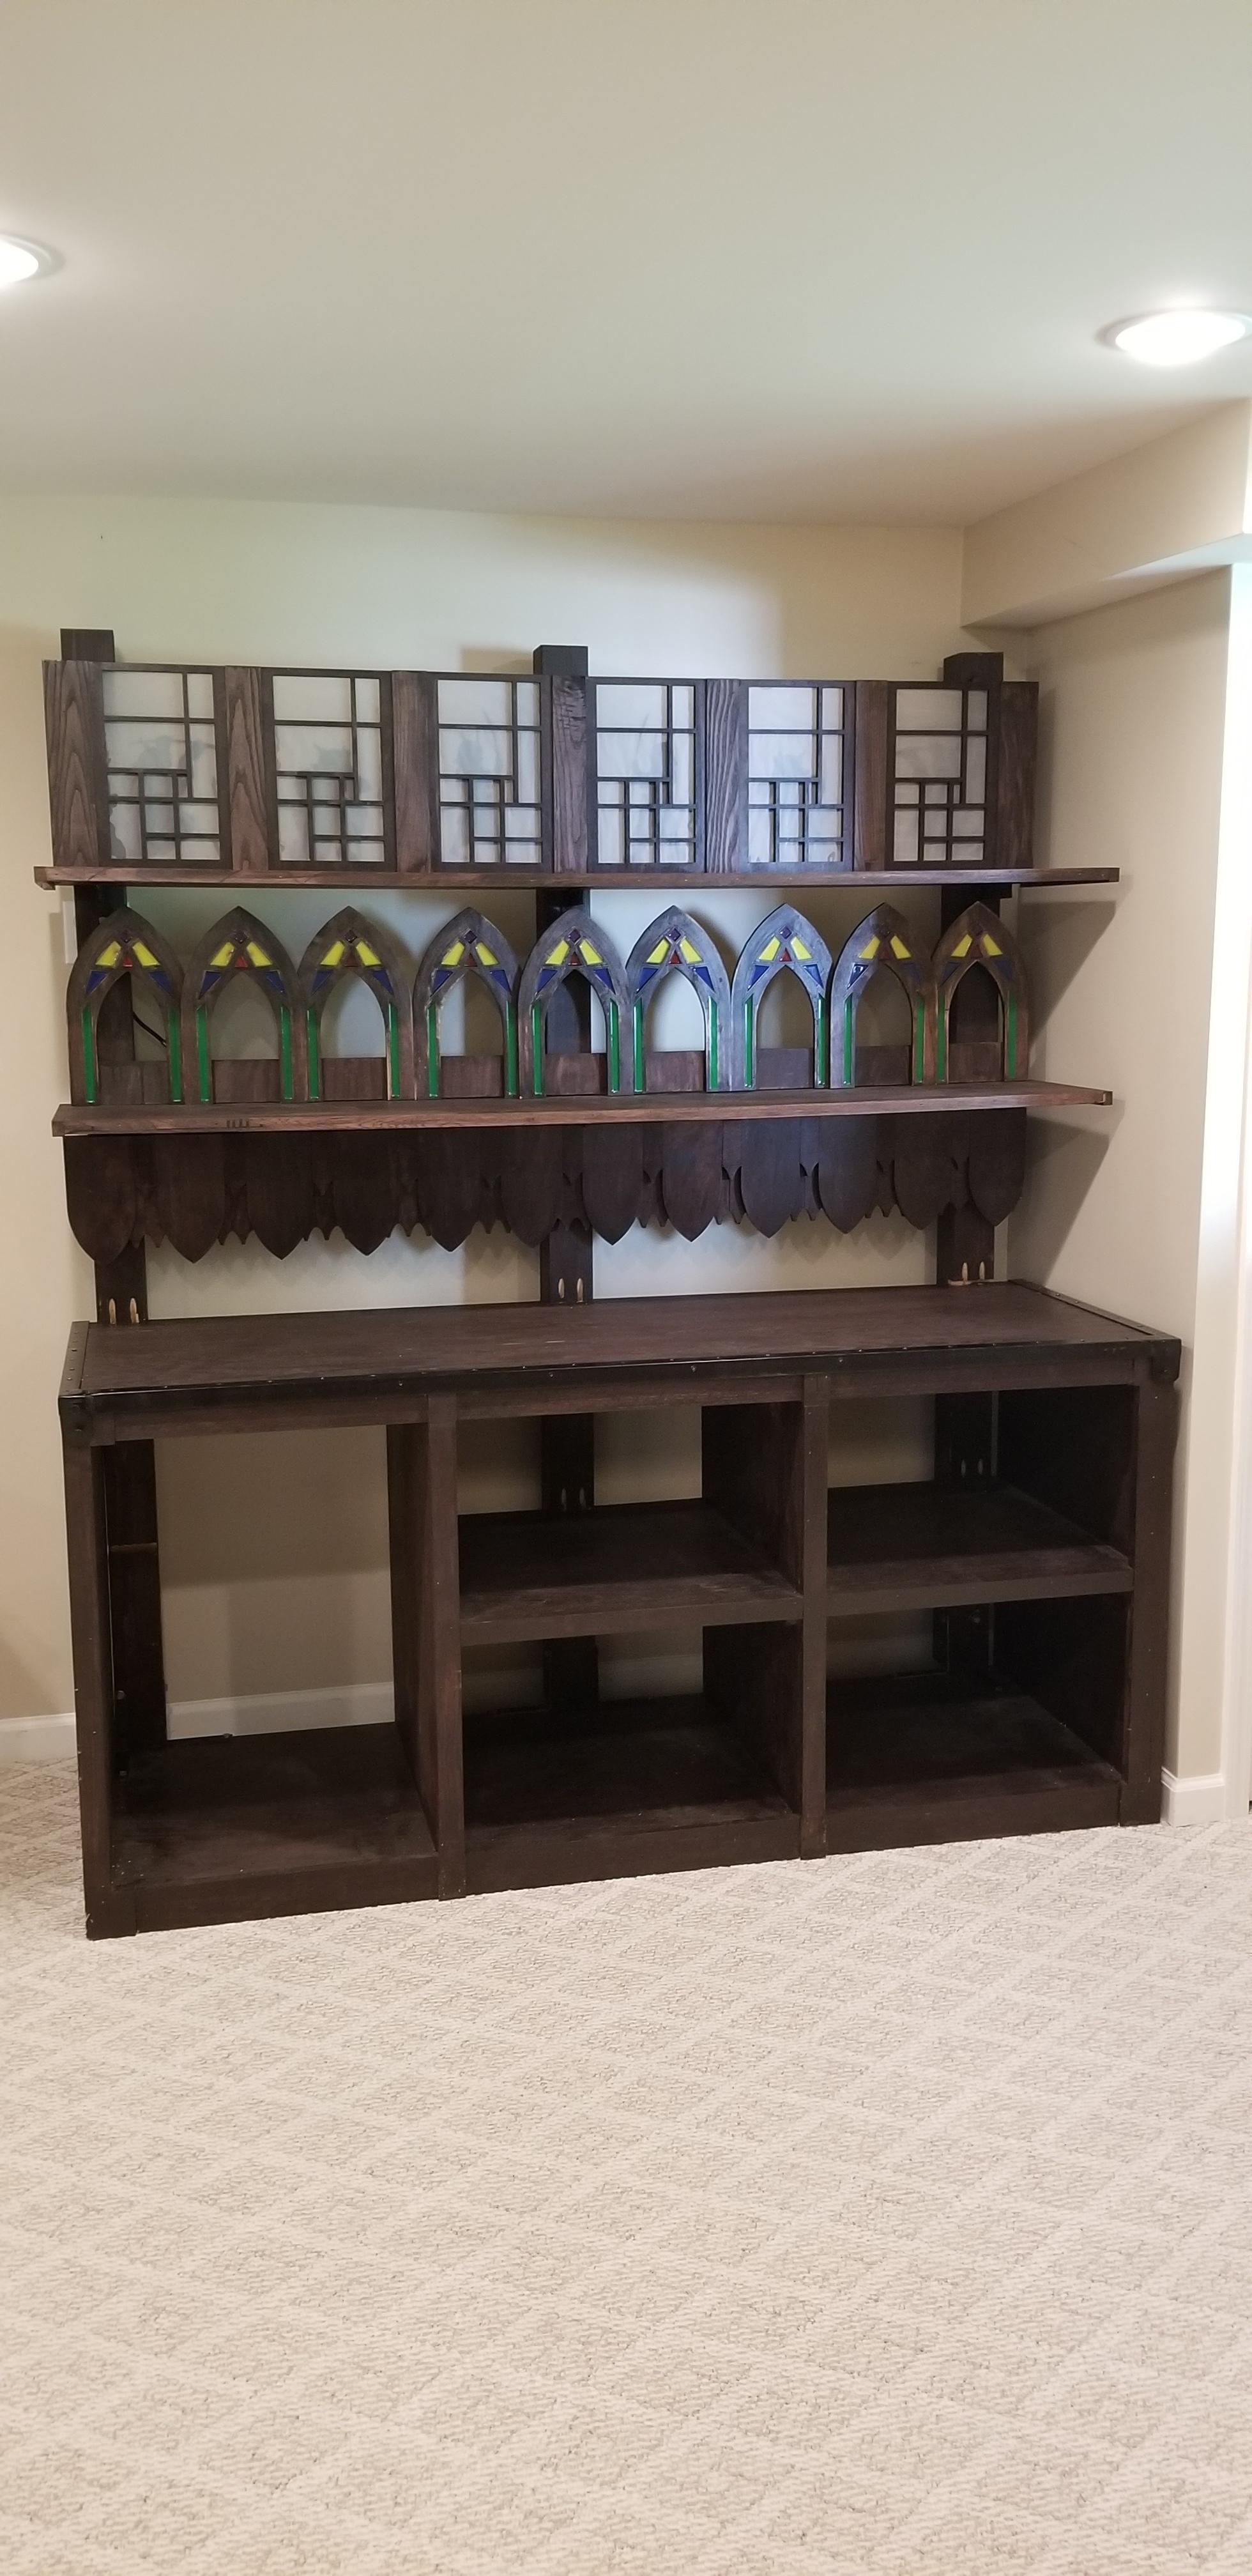 Warrior's Worship Bookshelf